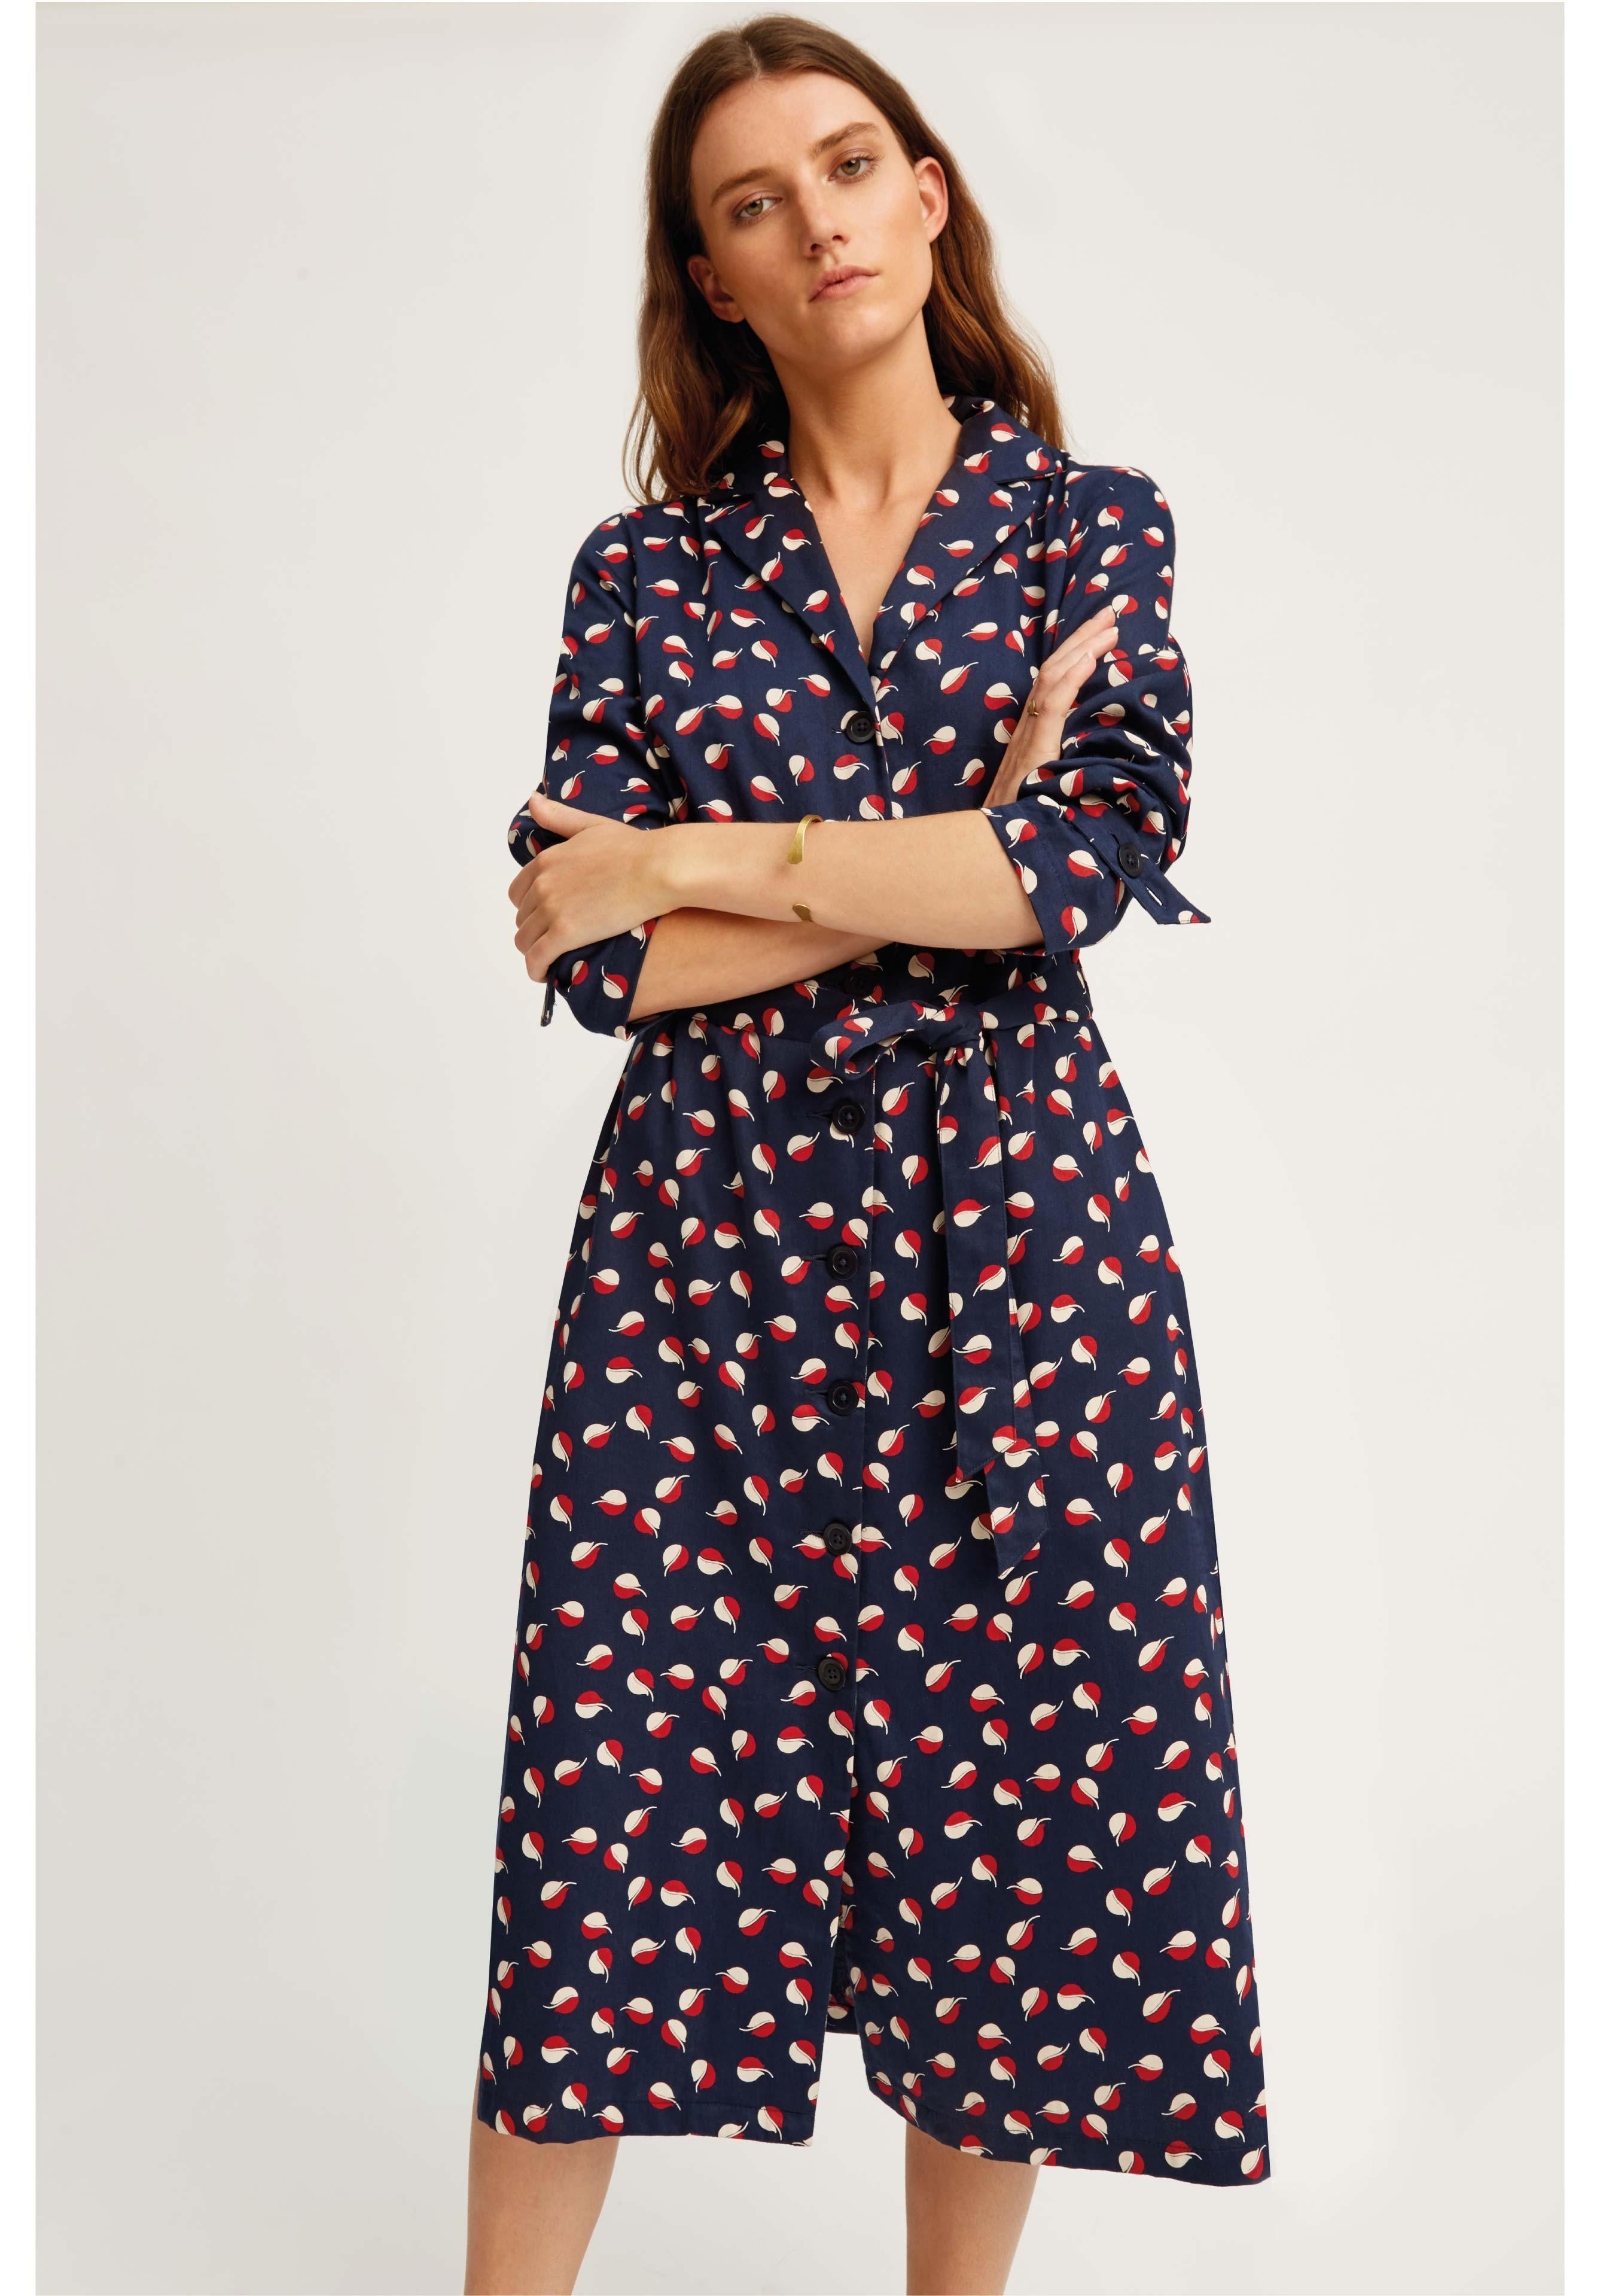 Apple bottom dresses uk cheap